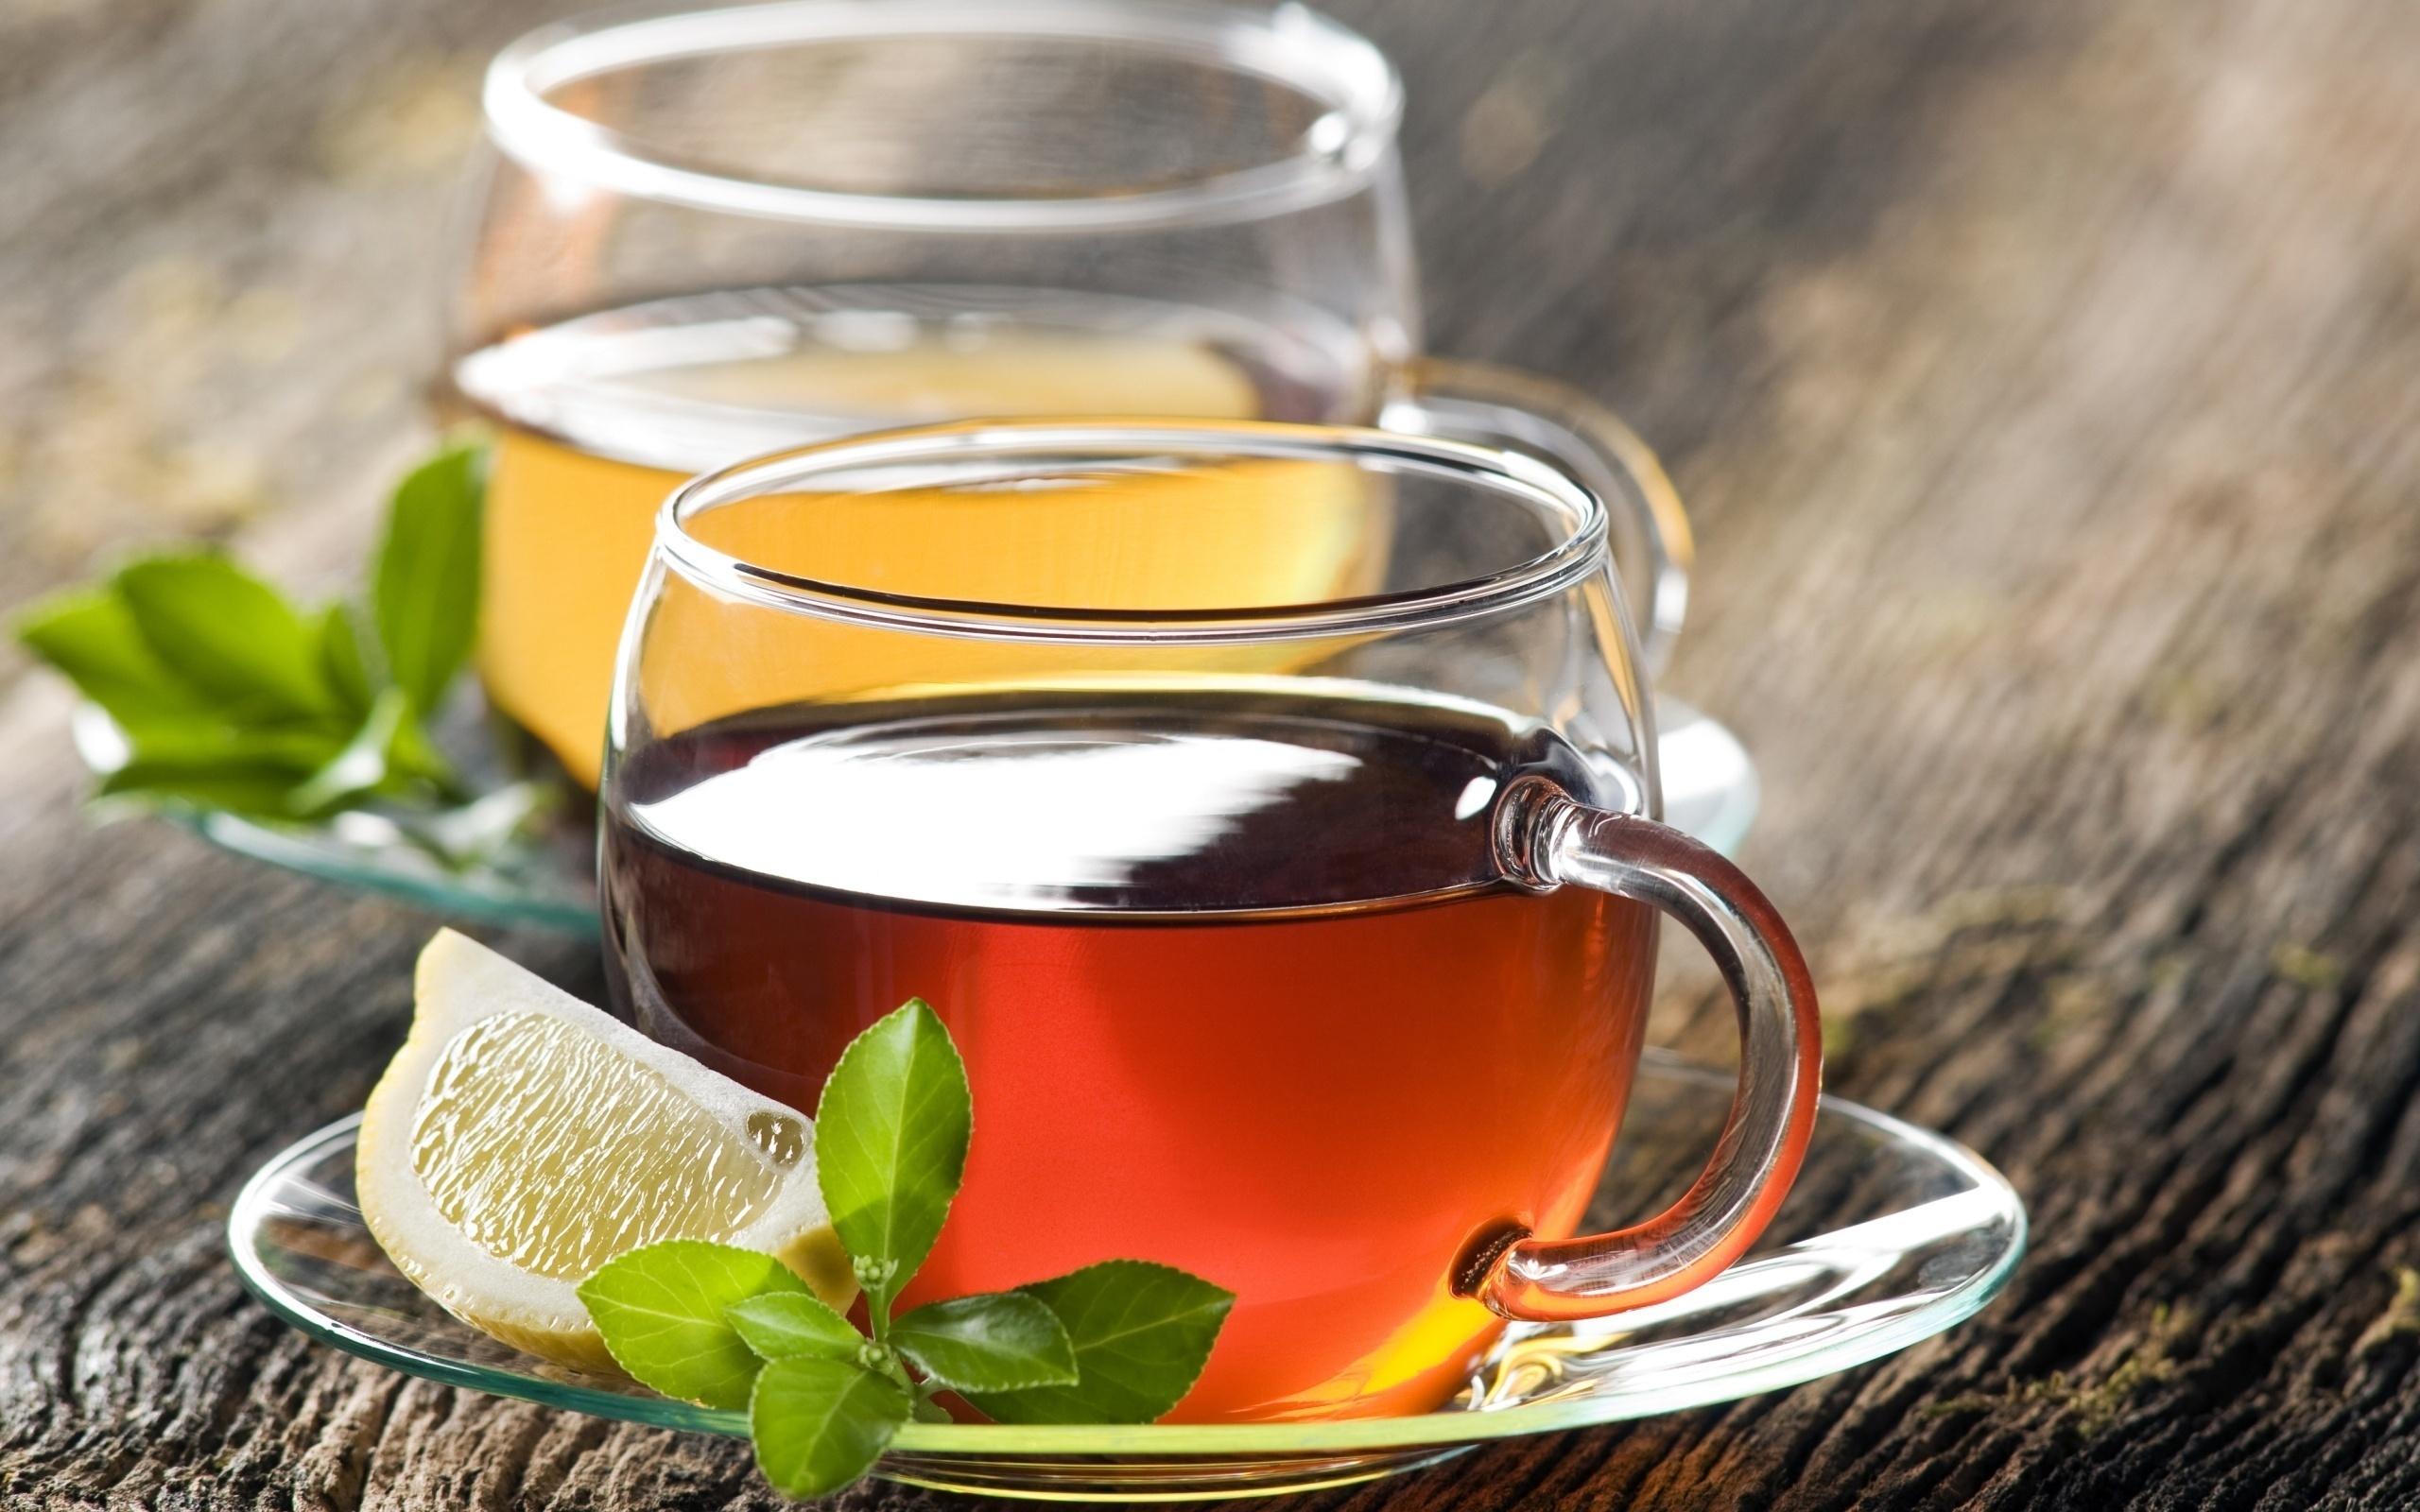 Чай в стеклянных чашках